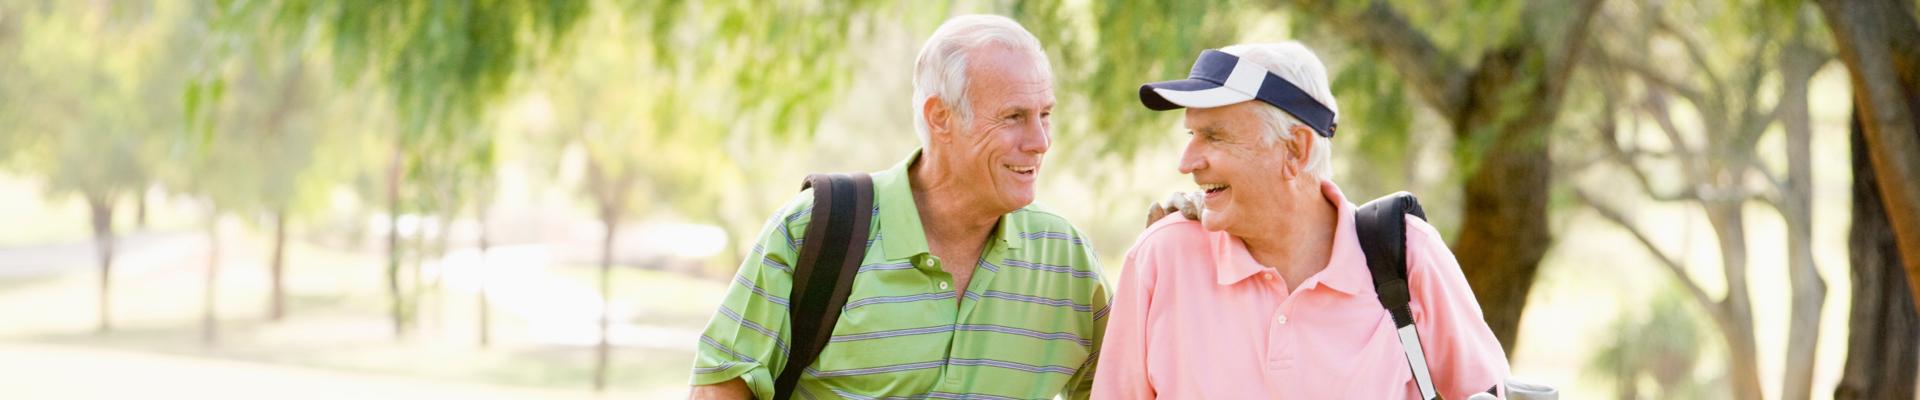 Two senior men walking and golfing